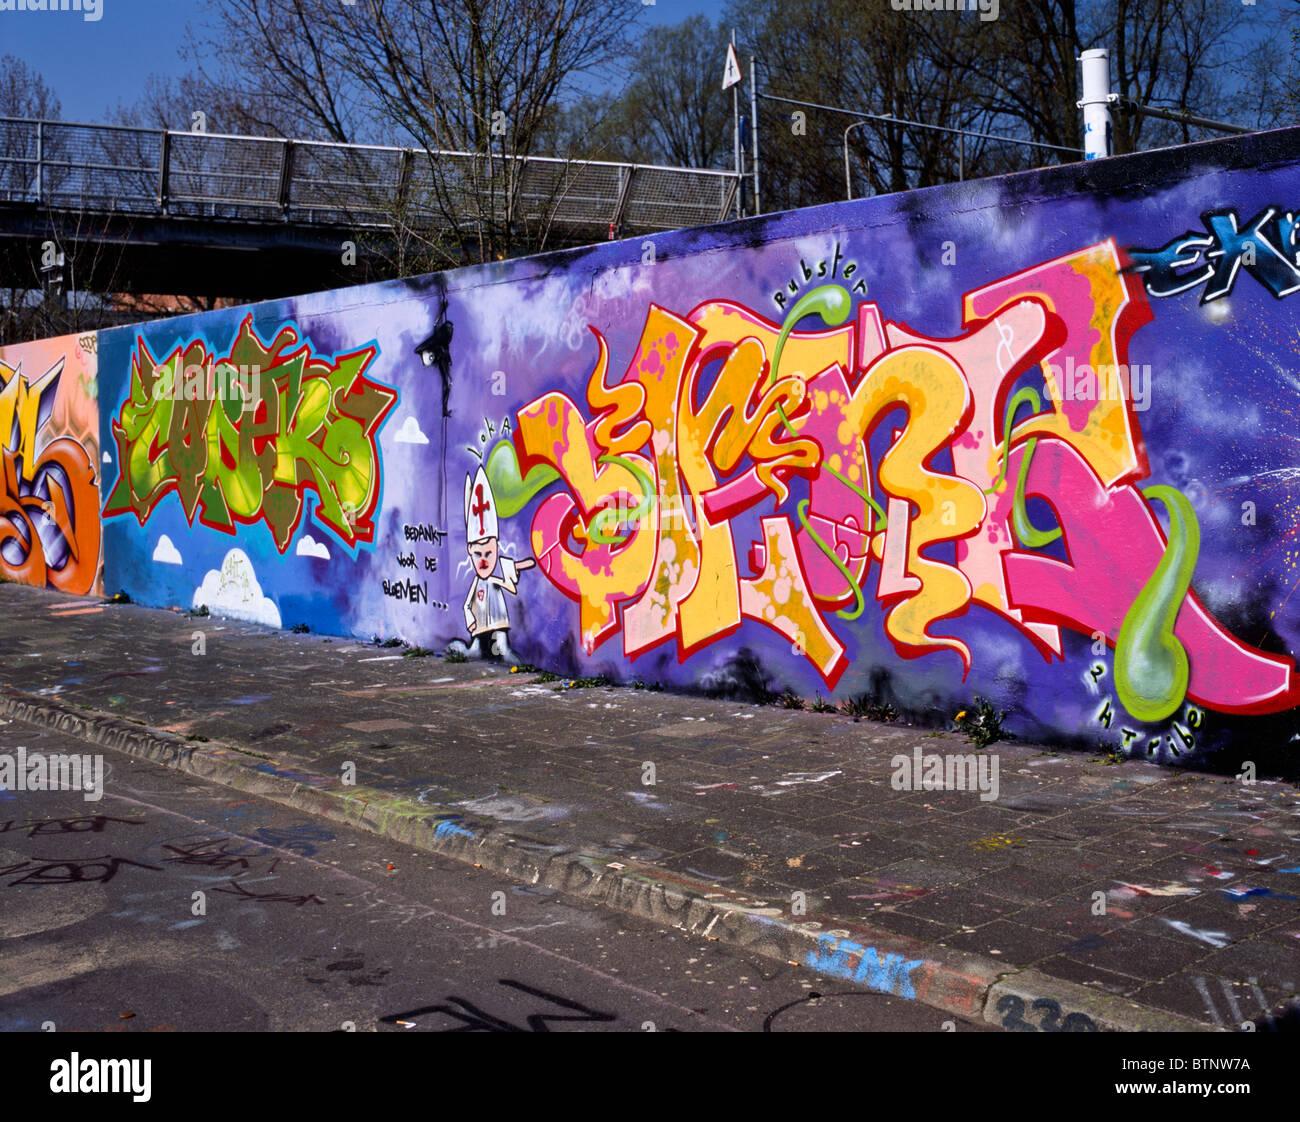 graffiti st ck zeigt einen arzt sanit ter und die formulierung danke f r die blumen an. Black Bedroom Furniture Sets. Home Design Ideas